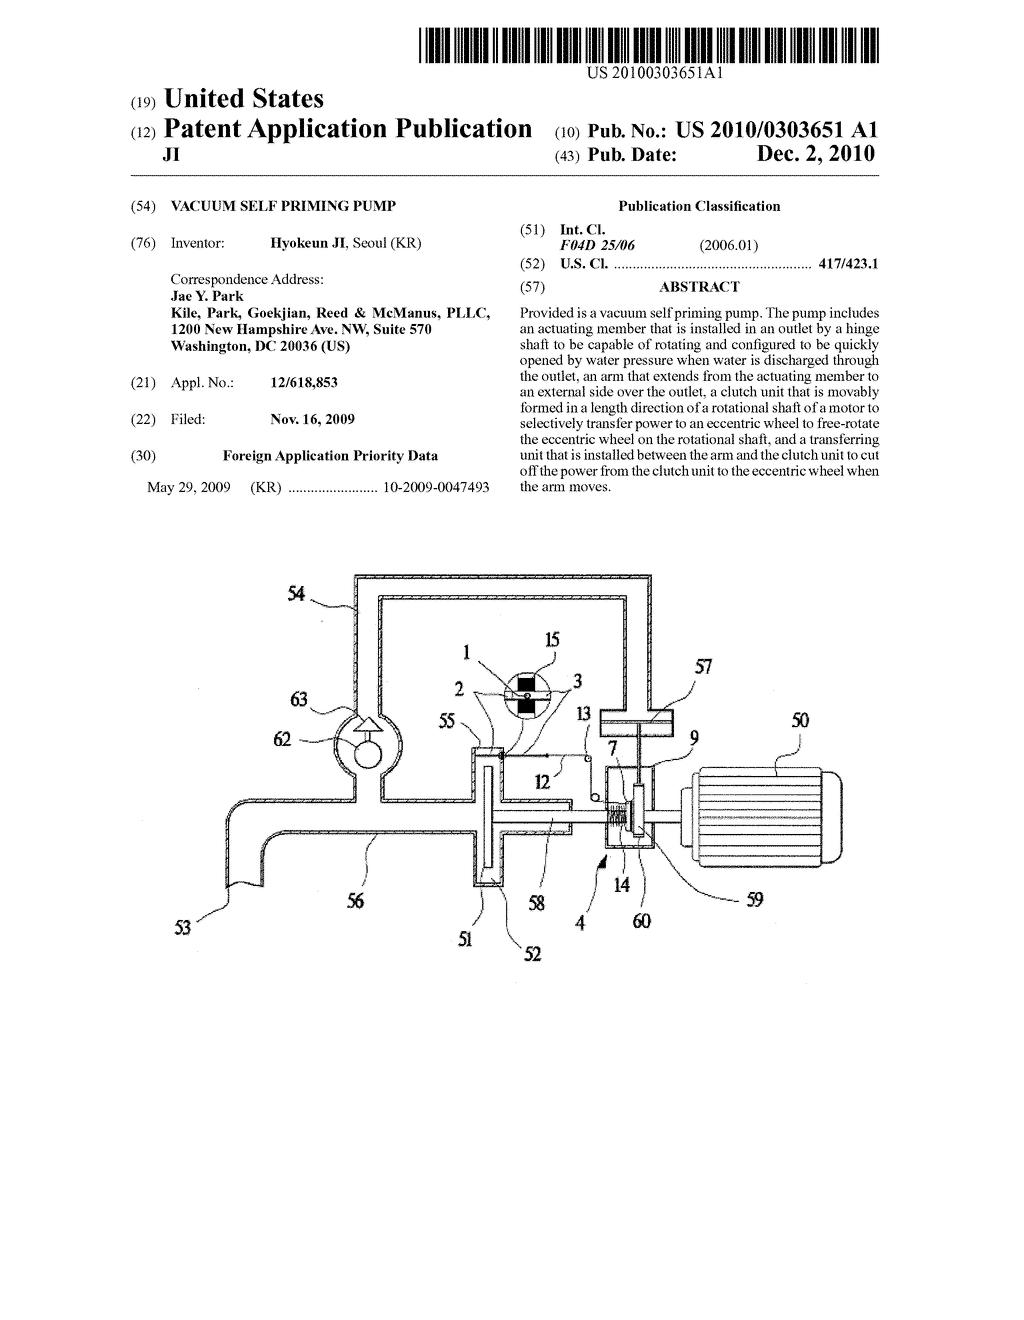 vacuum self priming pump diagram schematic and image 01 rh patentsencyclopedia com durco self priming pump manual